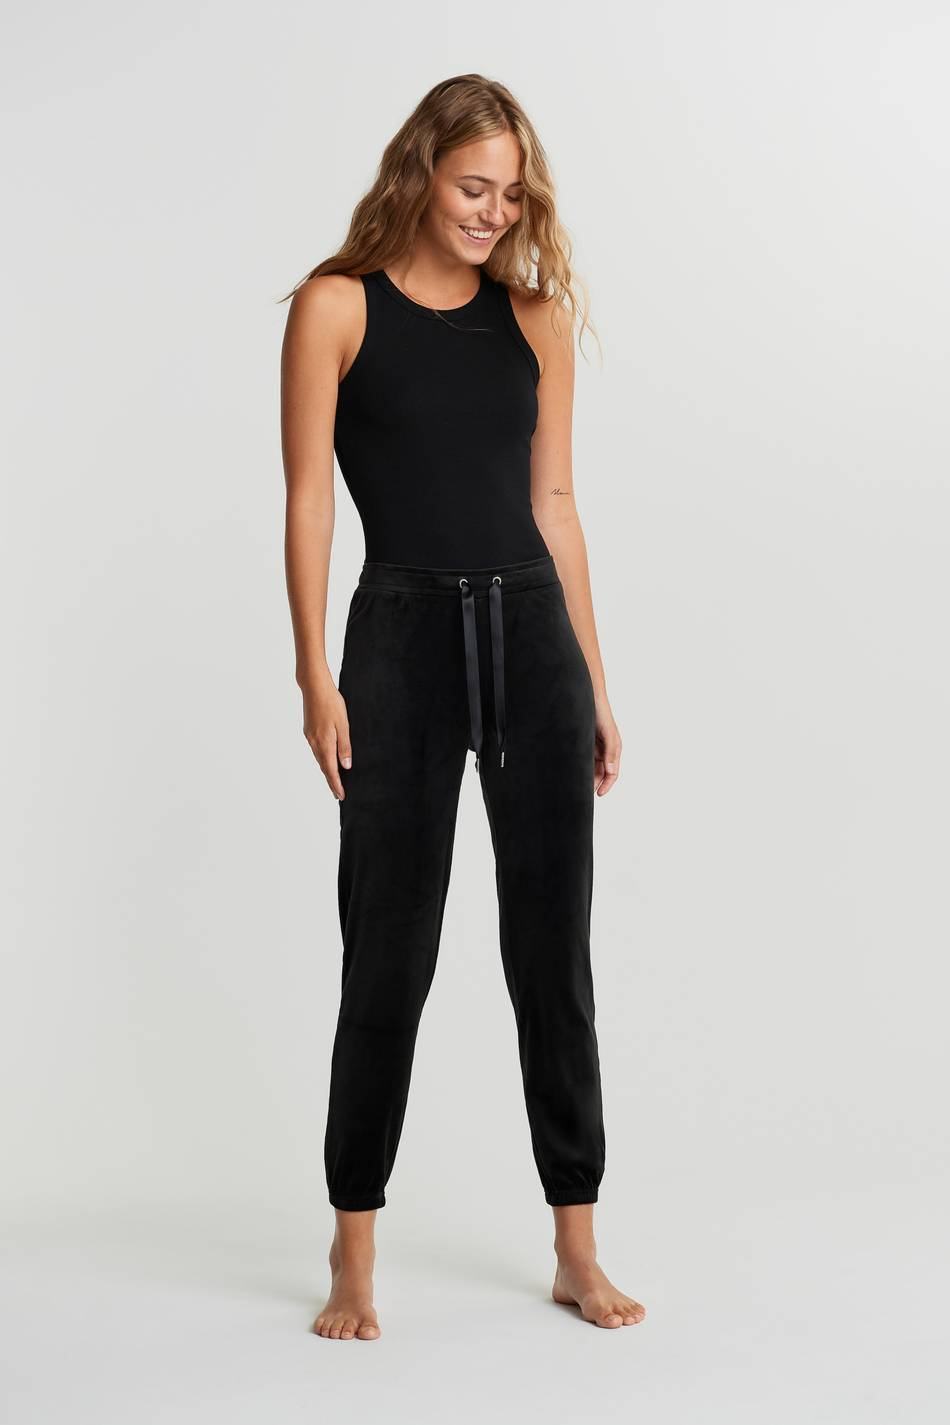 Gina Tricot Cecilia velour sweatpants XS Female Black (9000)